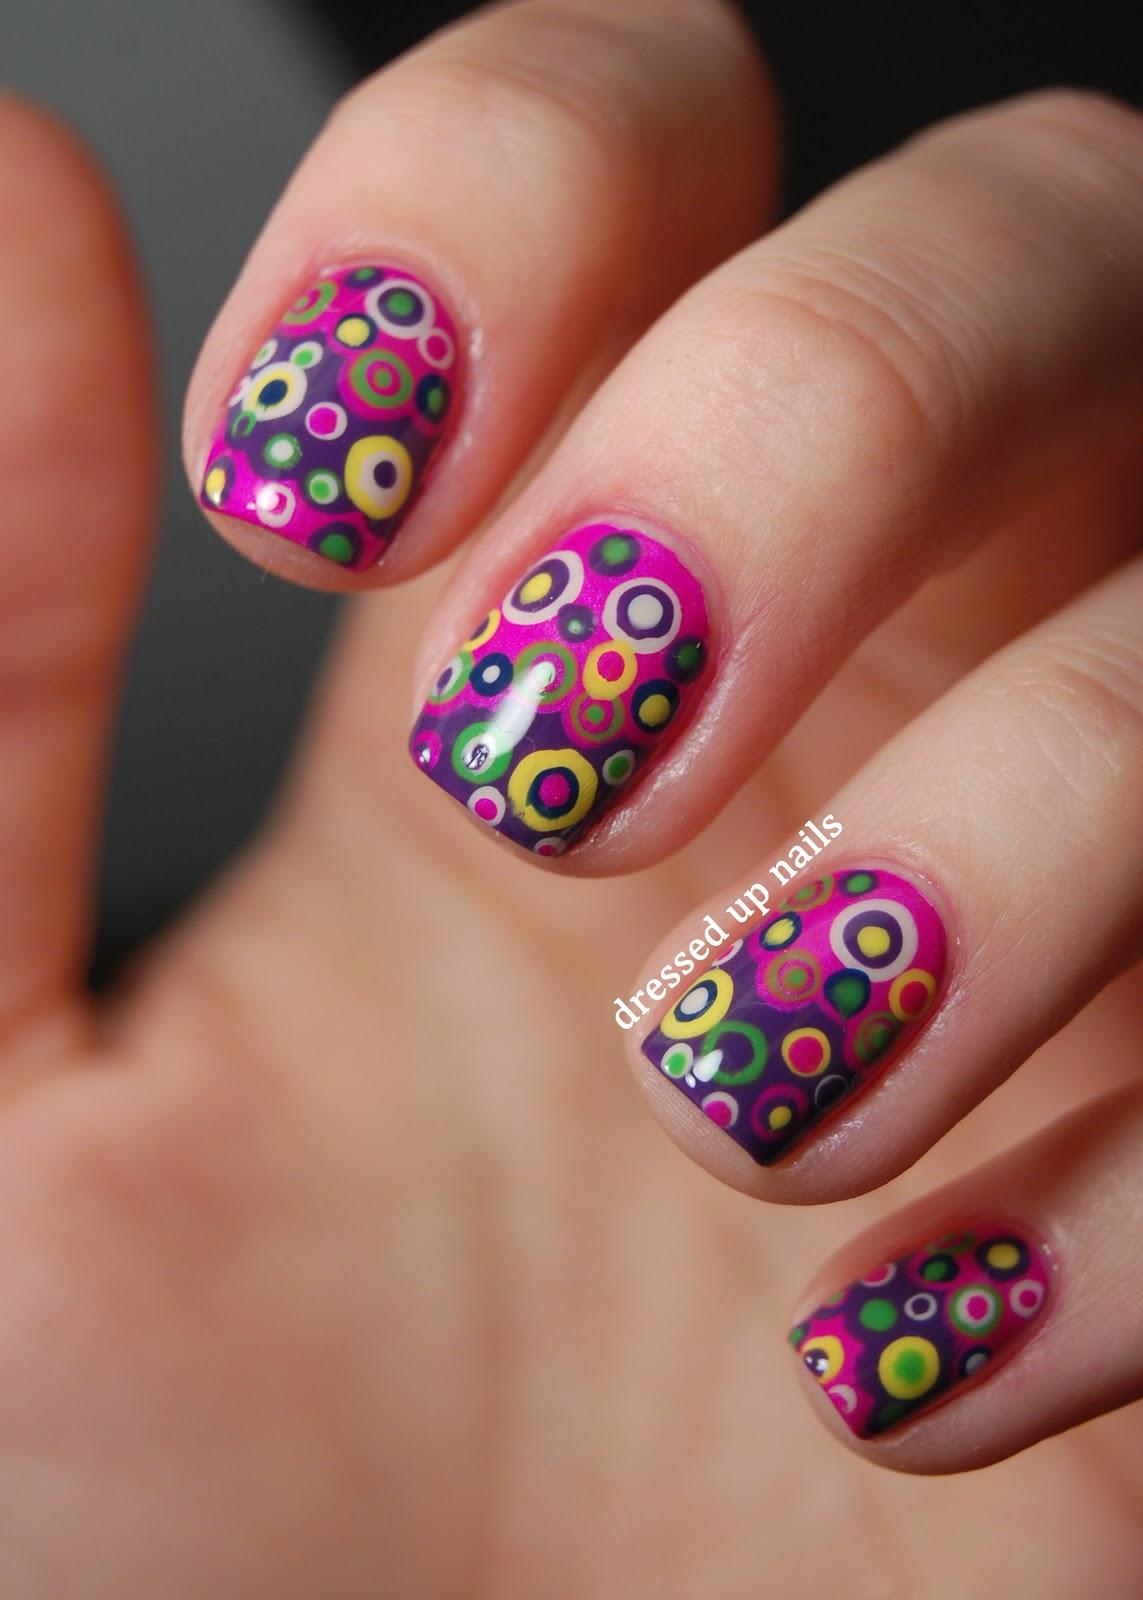 Nail Designs Dots Nail Art Designs